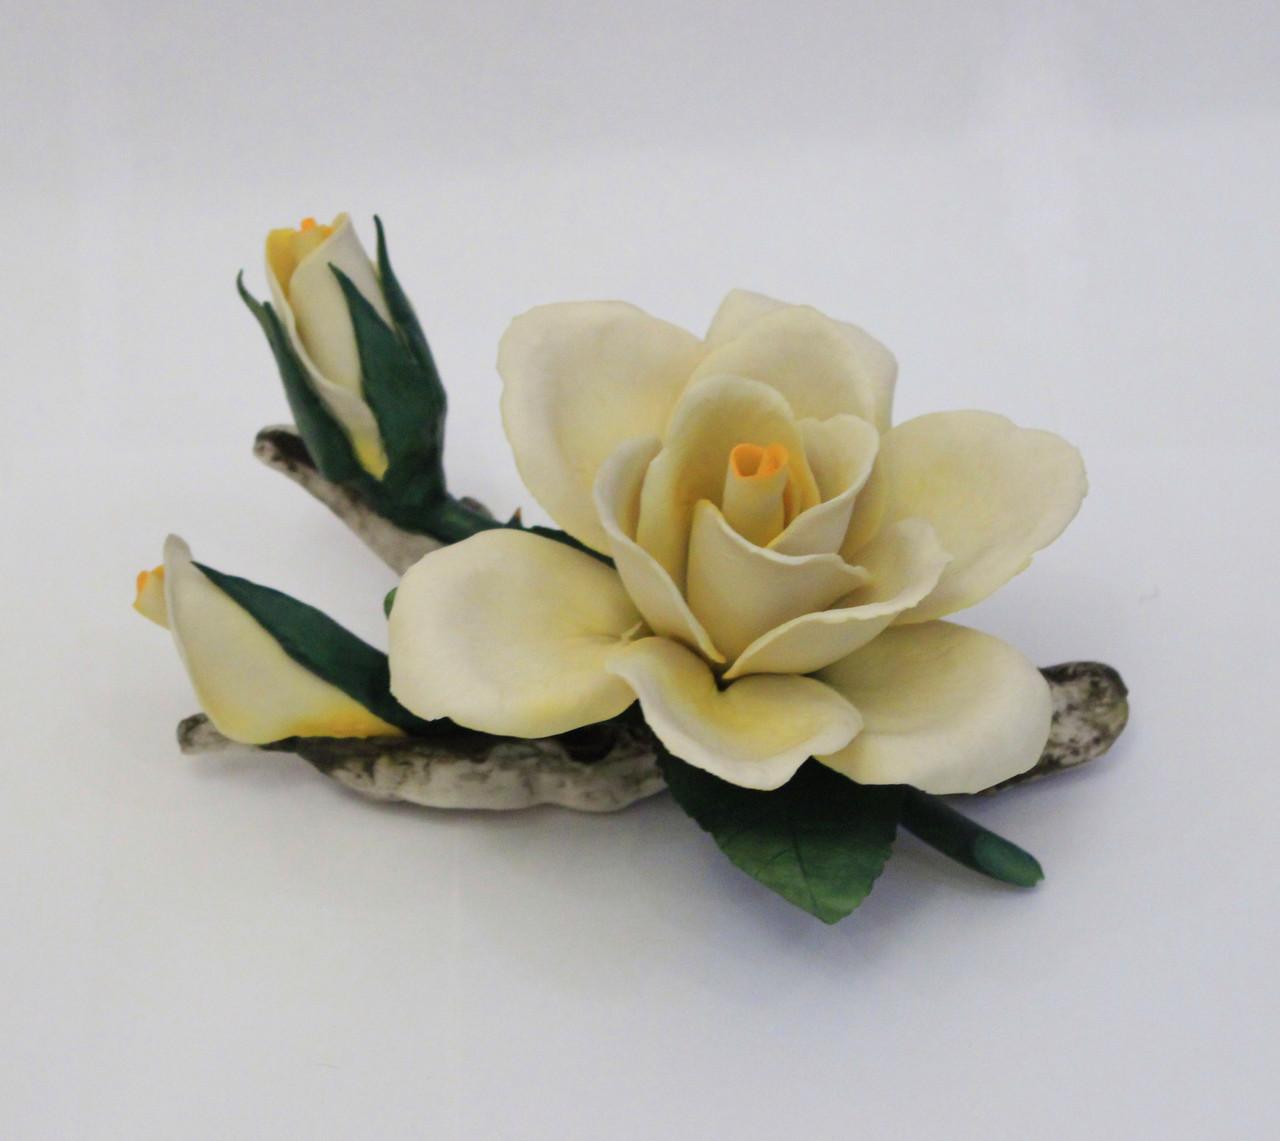 Фарфоровый цветок Роза с двумя бутонами. Италия. Ручная работа